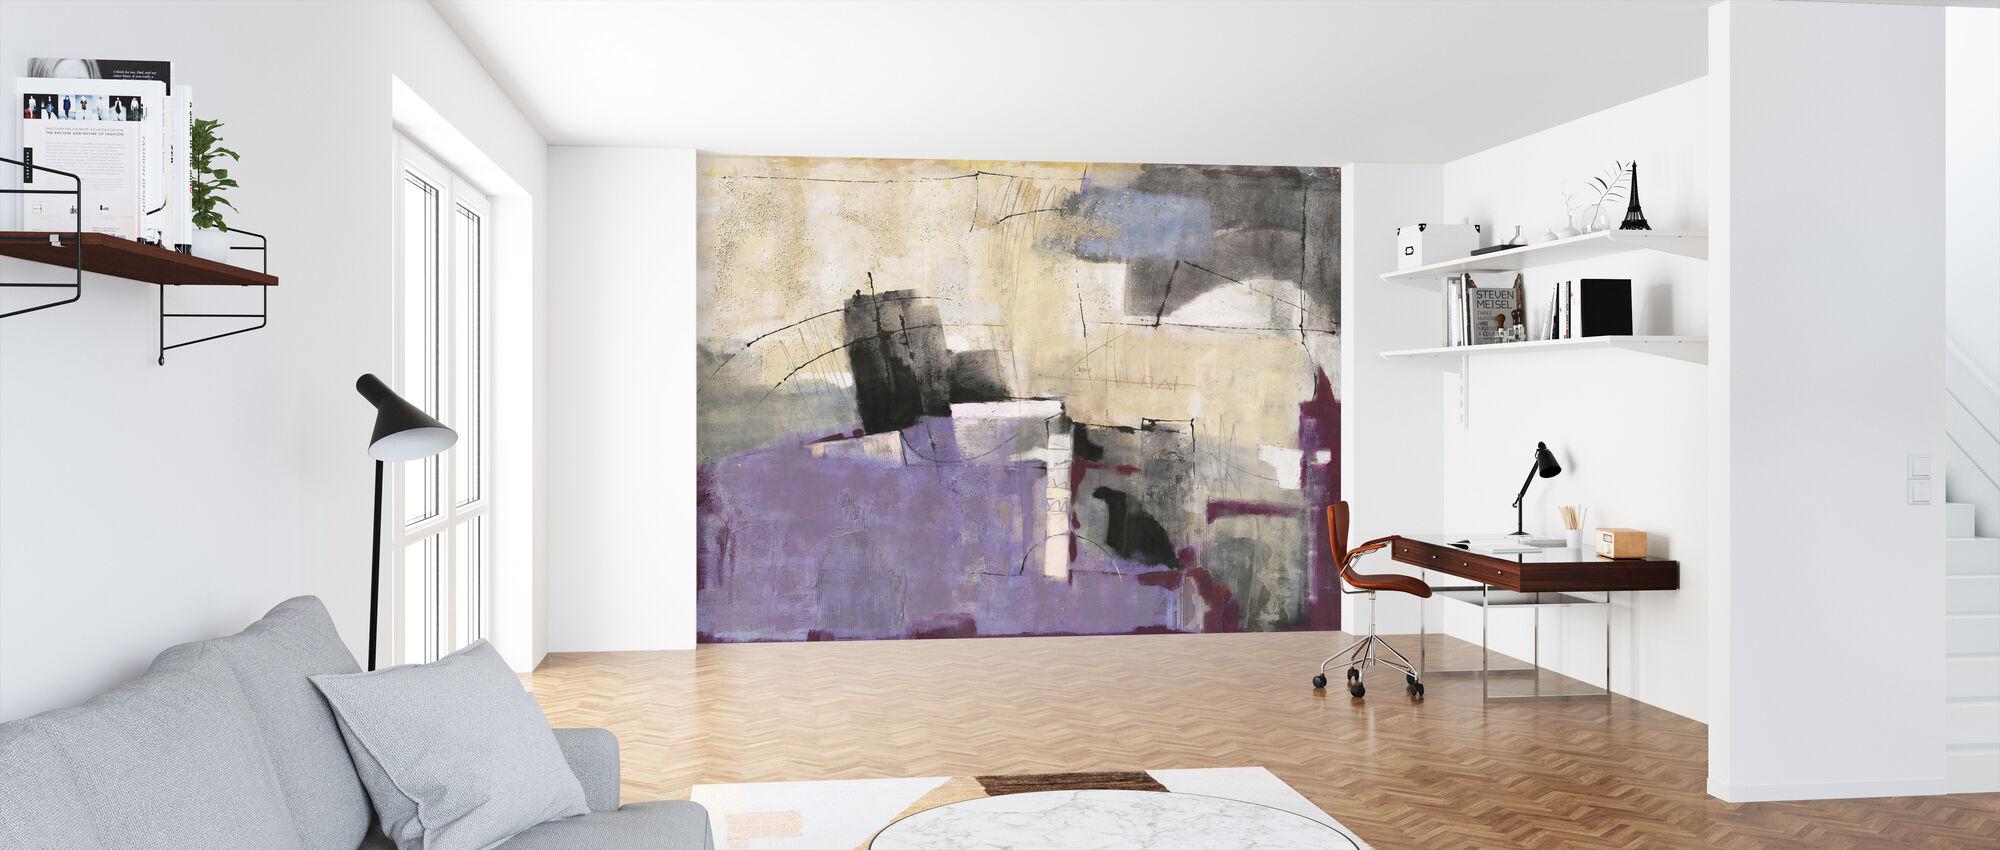 chair - Wallpaper - Office